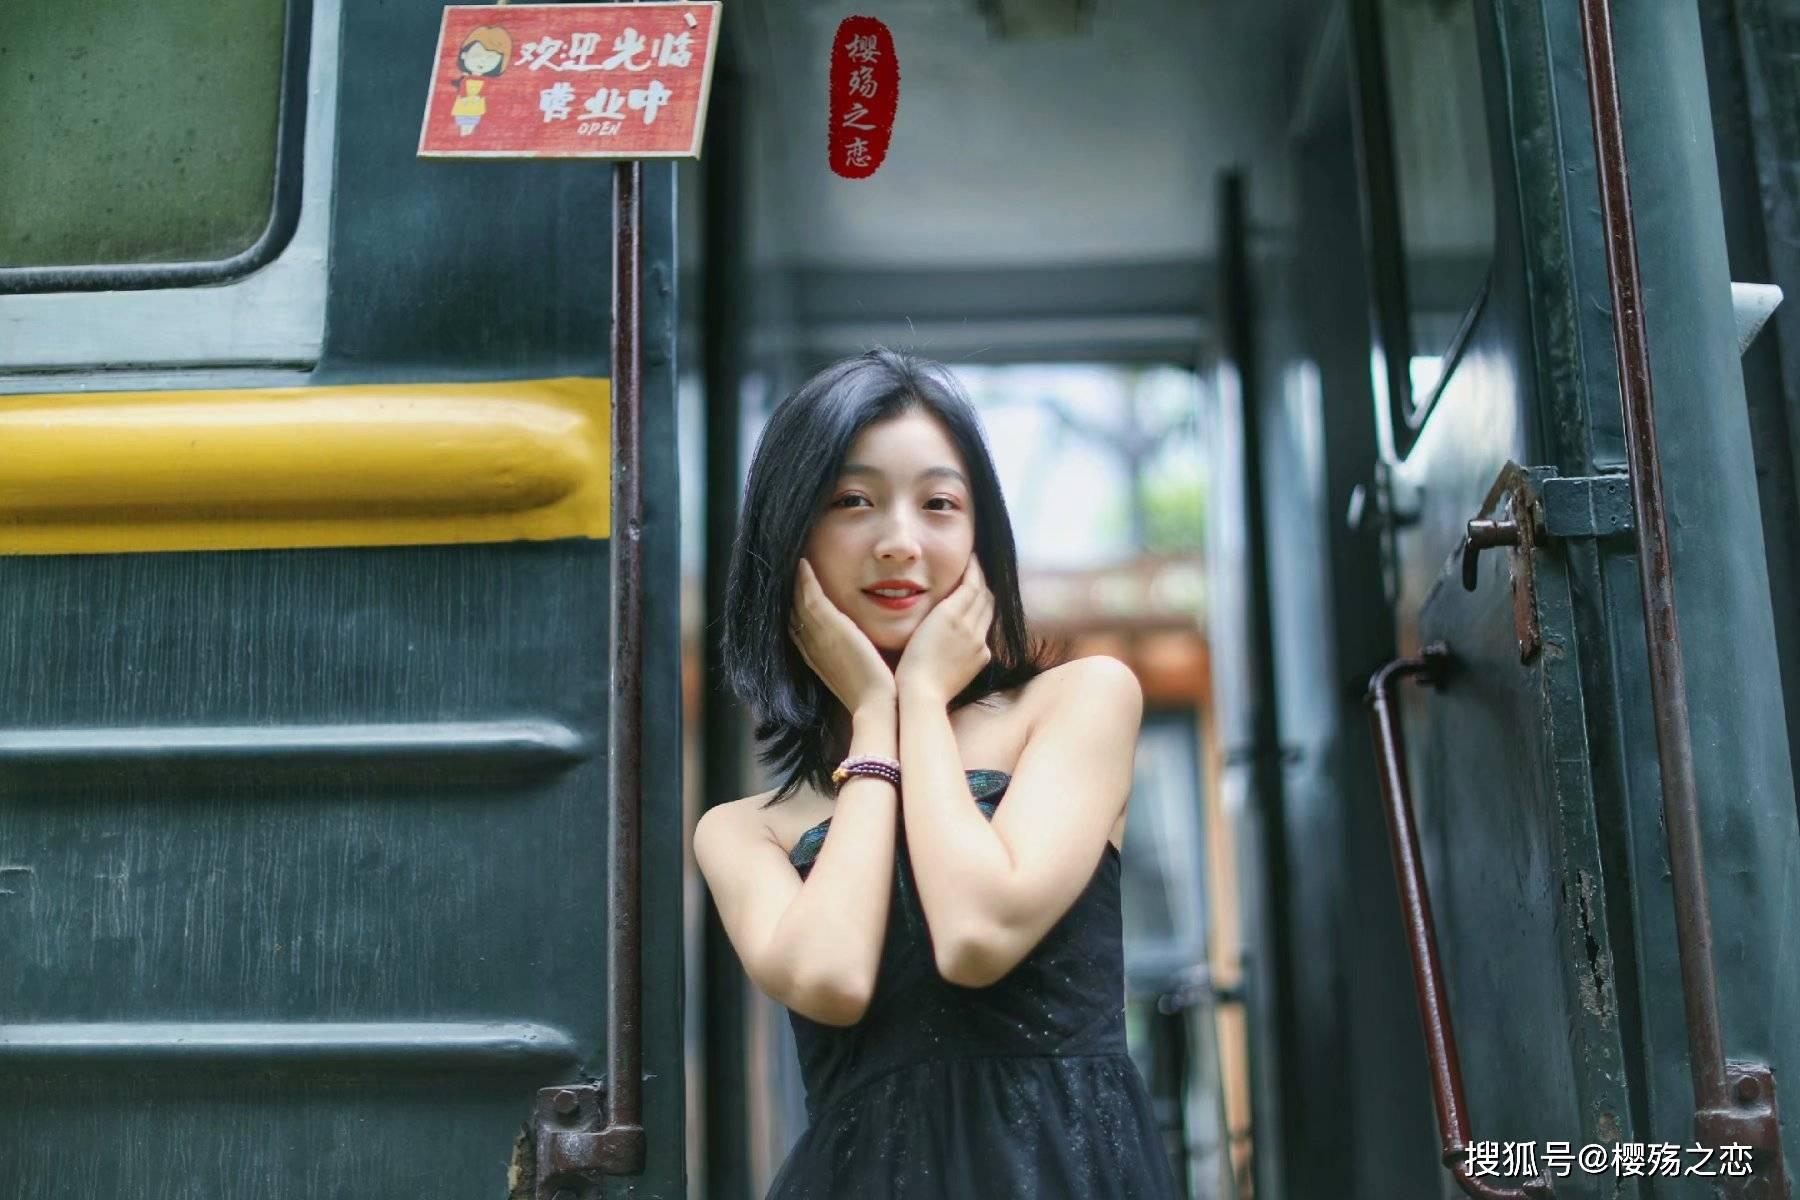 五一档十大热门景区,北京共有三个上榜,第一名却来自上海